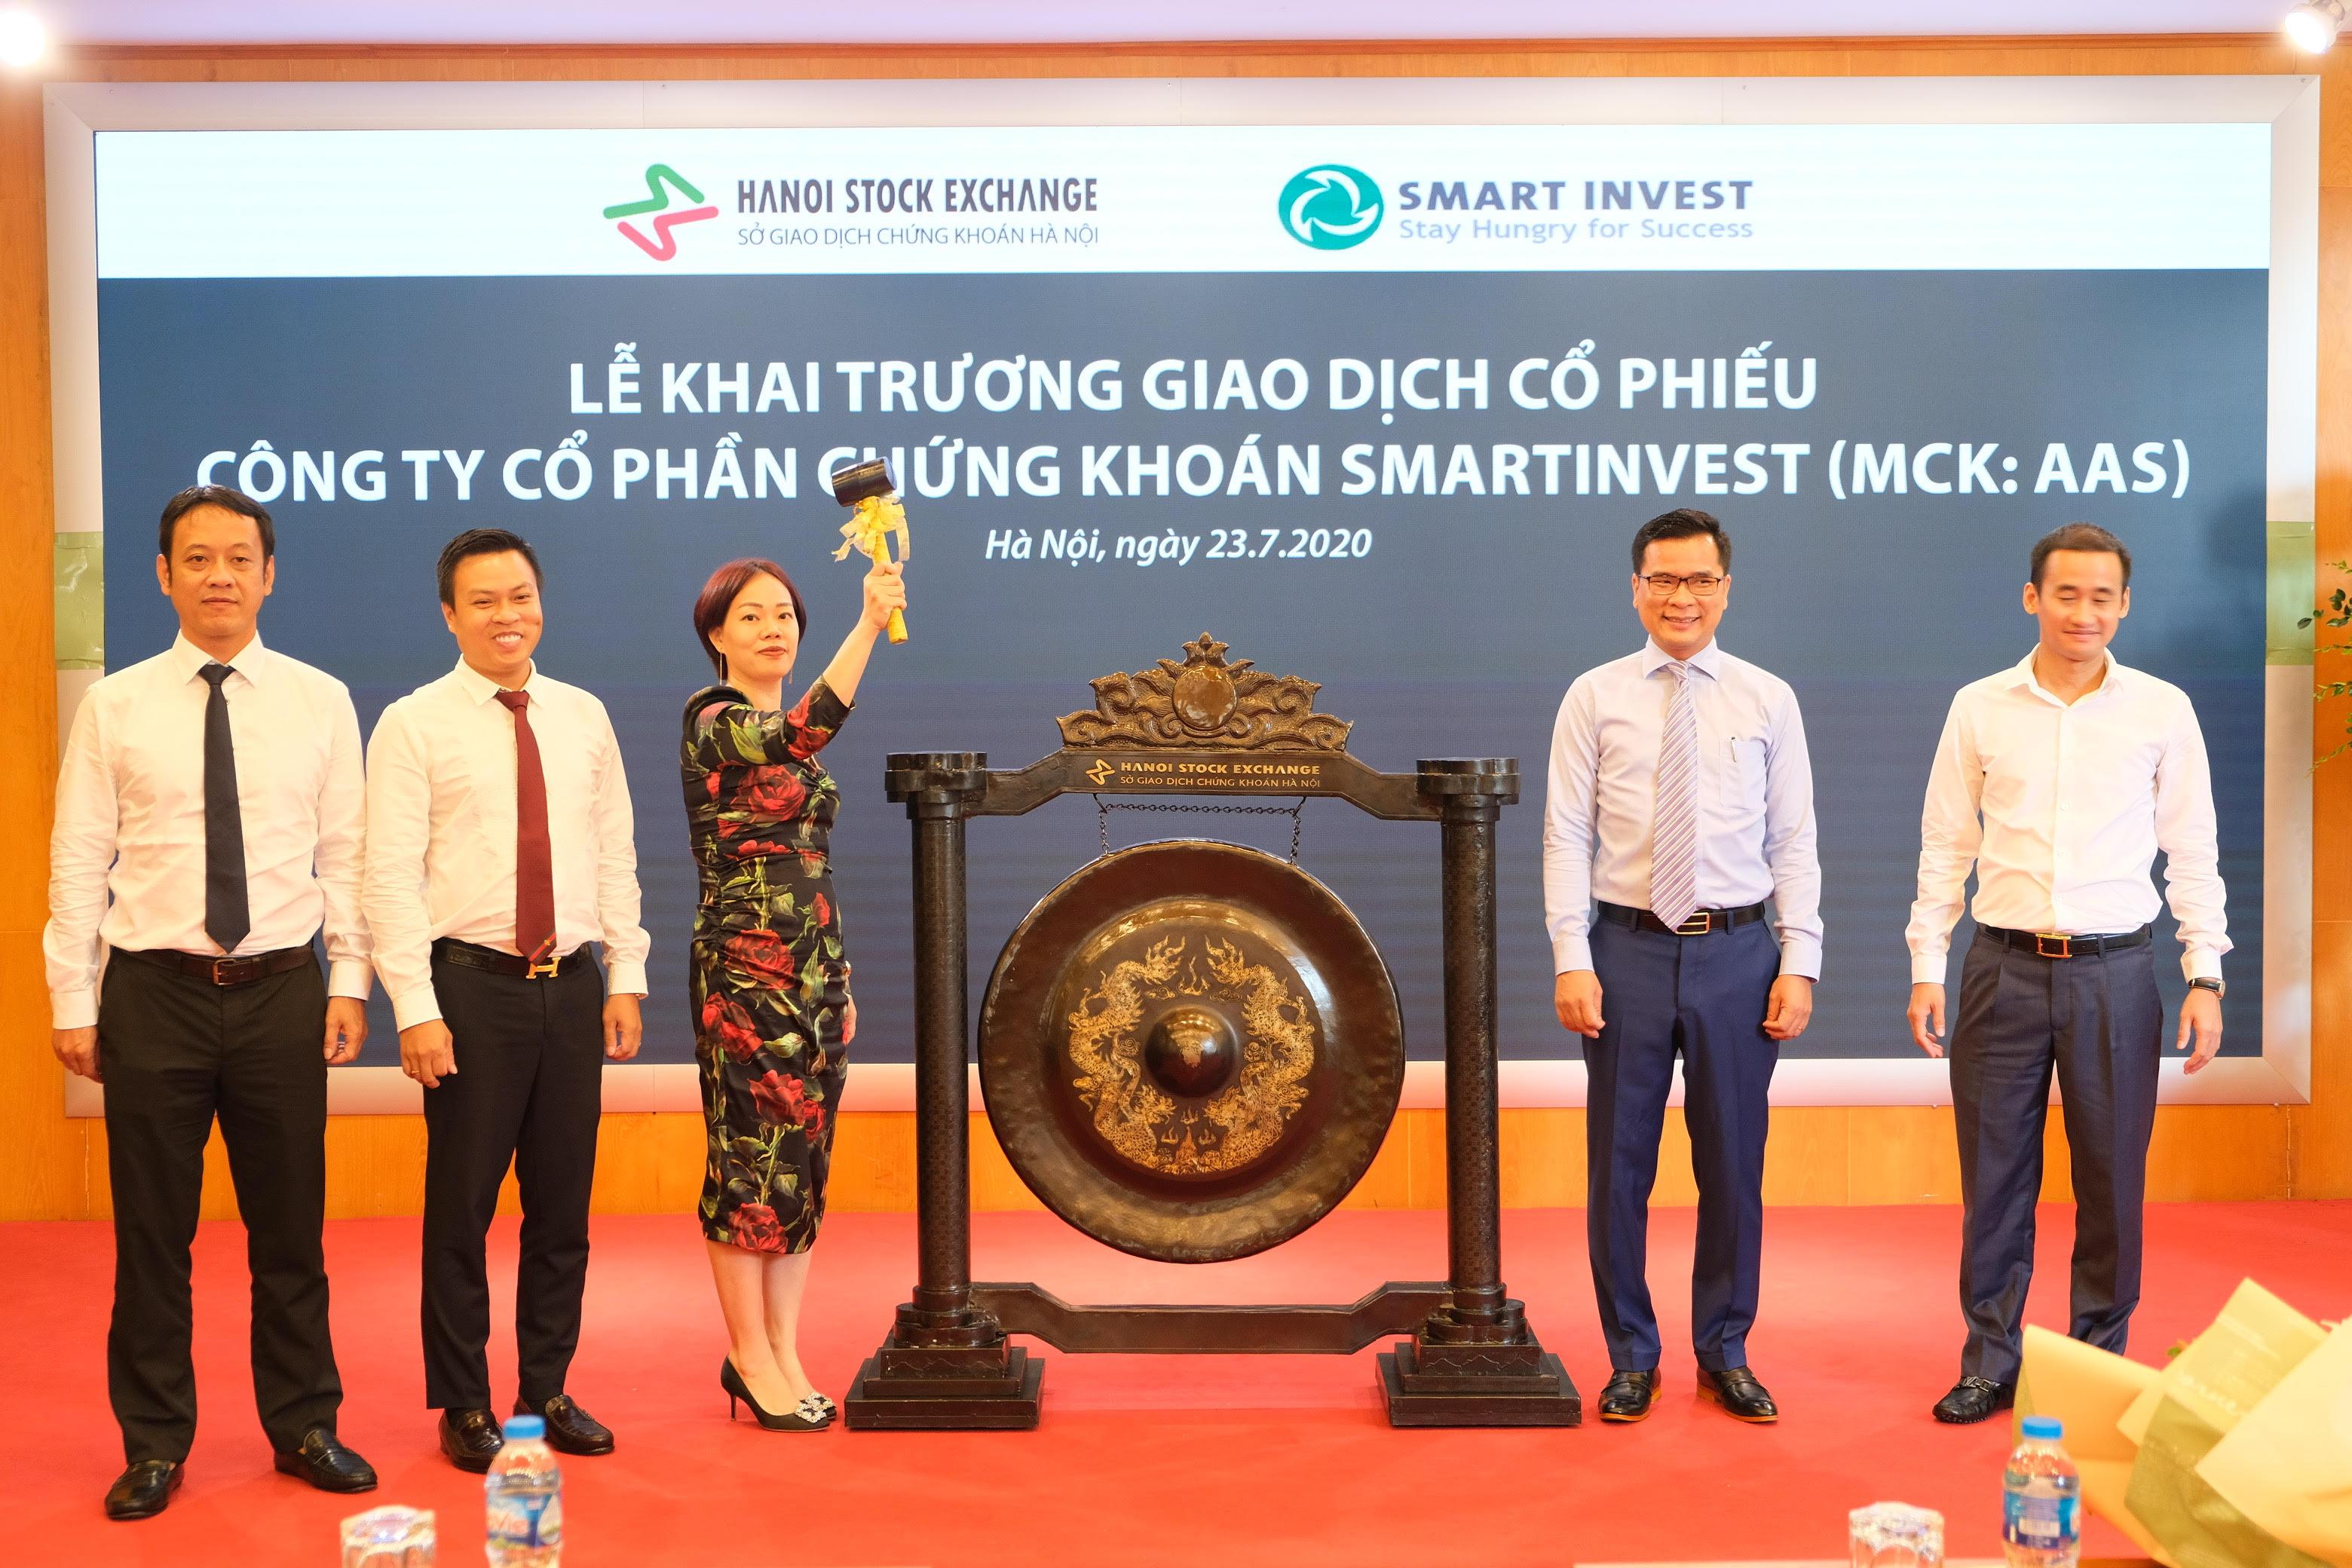 31 triệu cổ phiếu CTCP Chứng khoán SmartInvest chính thức giao dịch trên UPCoM